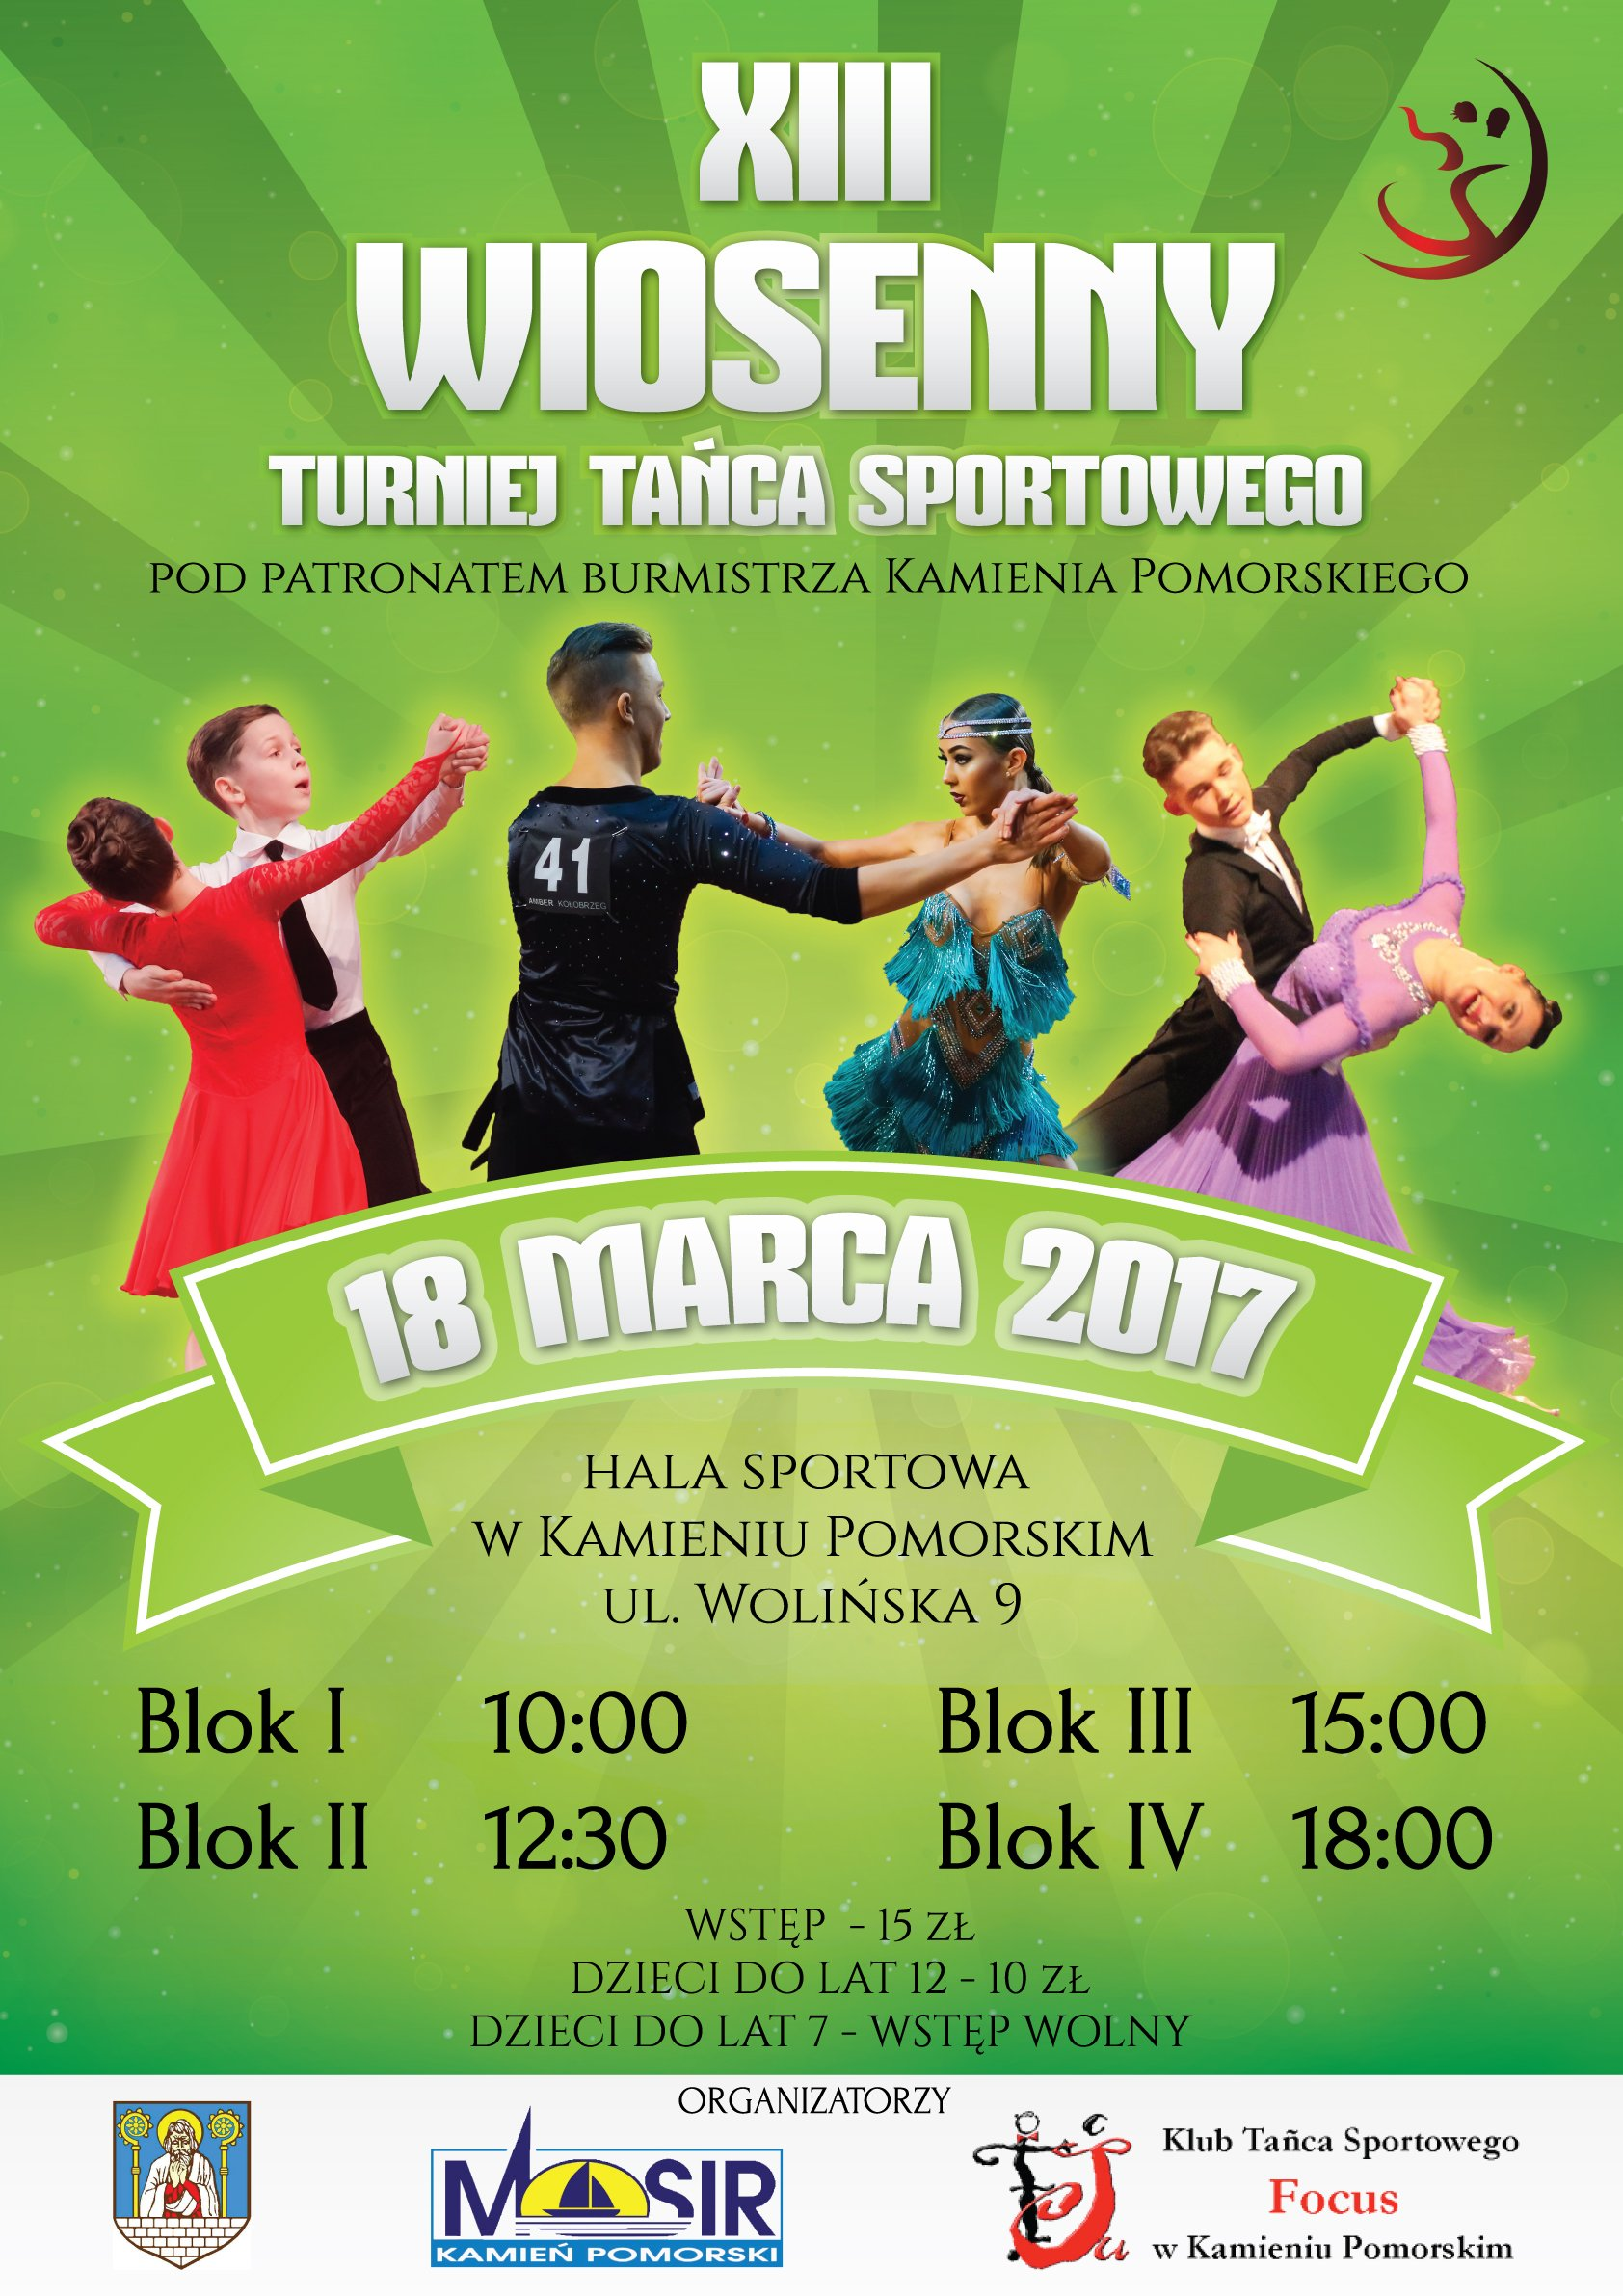 XIII Wiosenny Turniej Tańca Sportowego